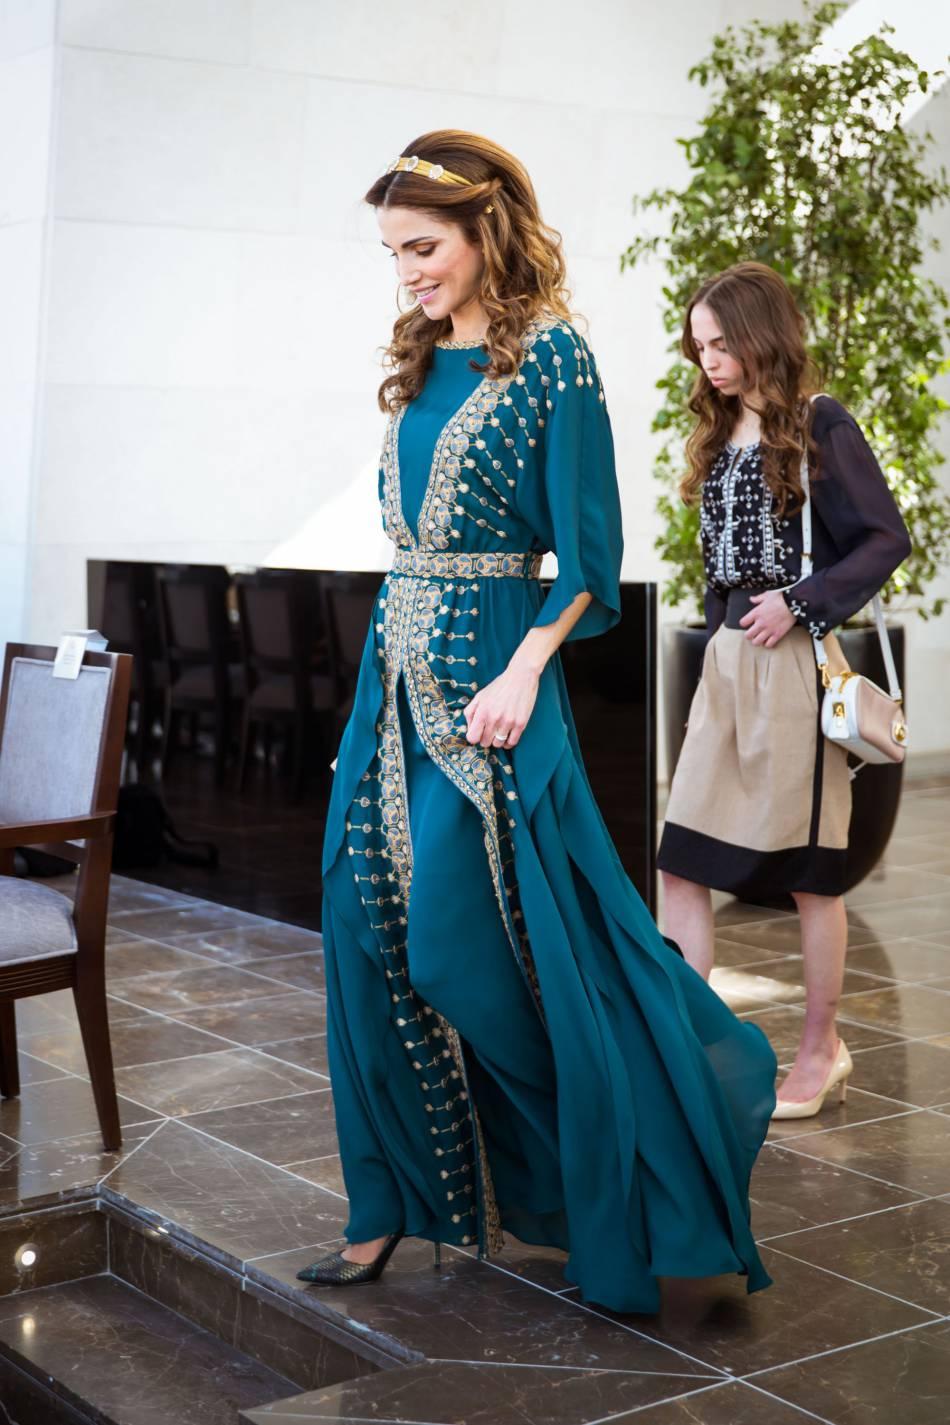 La reine Rania de Jordanie marchant aux cotés de sa fille, la princesse Salma.